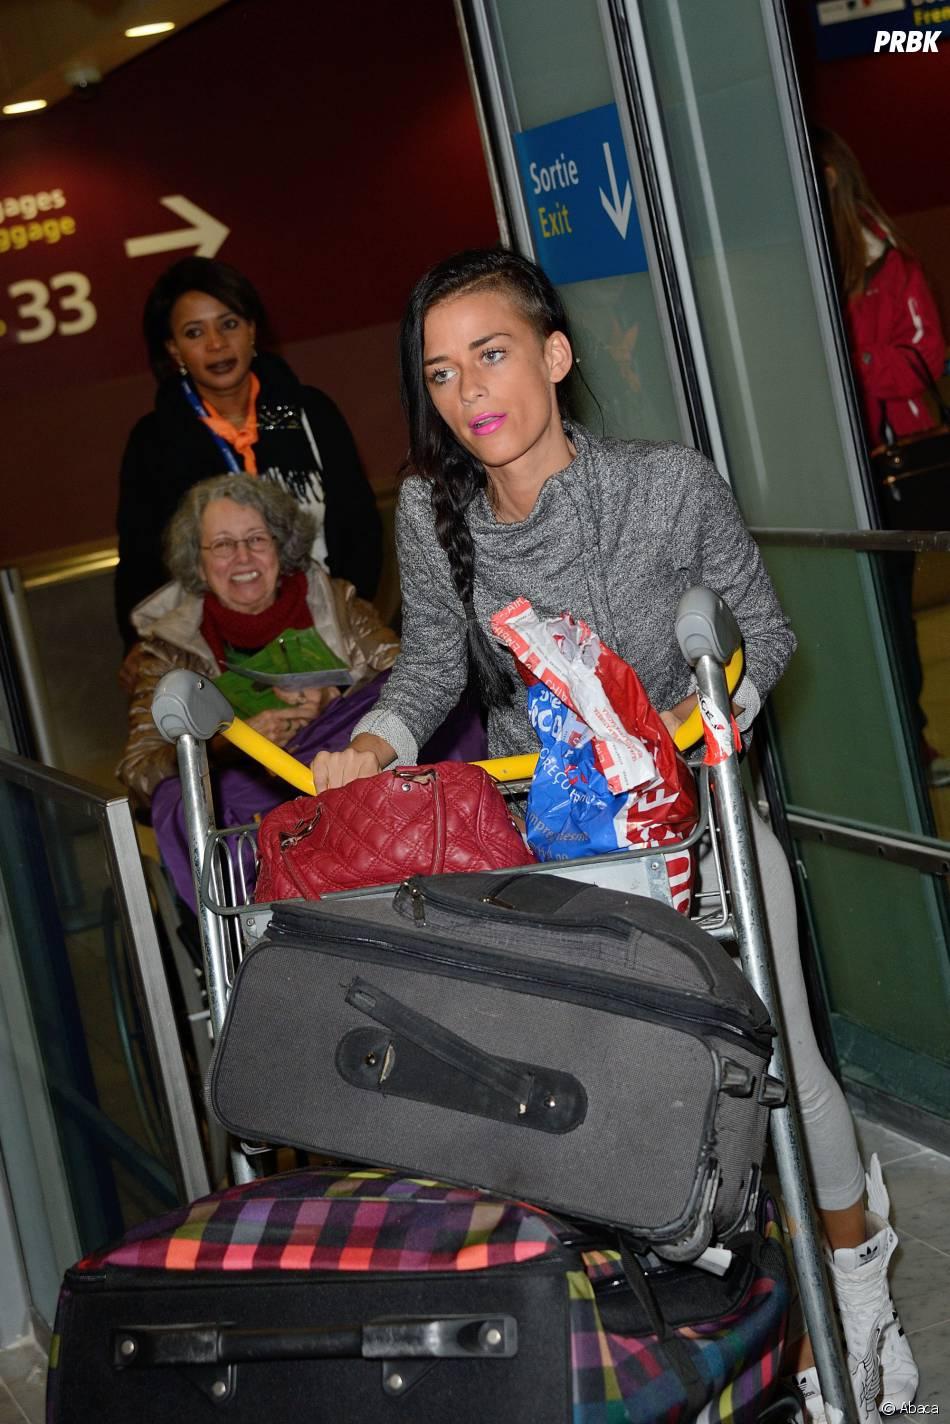 Les Marseillais à Rio : Kelly avec ses bagages à l'aéroport Charles-de-Gaulle, le 6 mars 2014